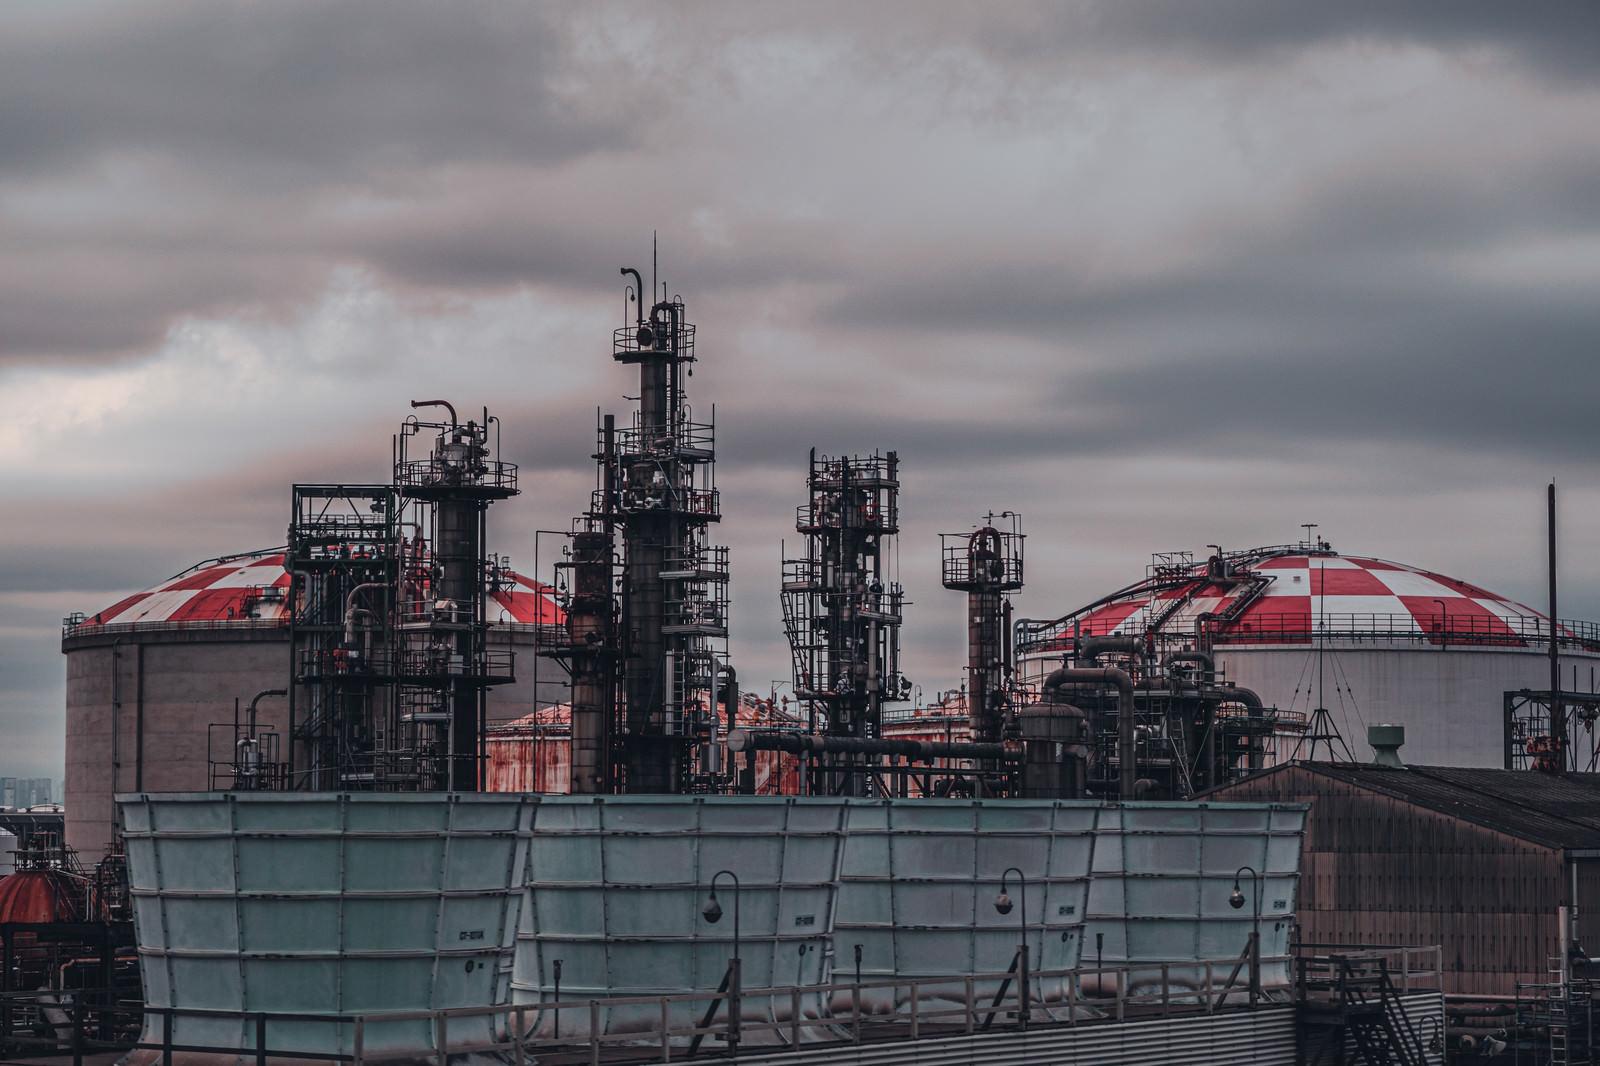 「曇り空と工場用タンク」の写真